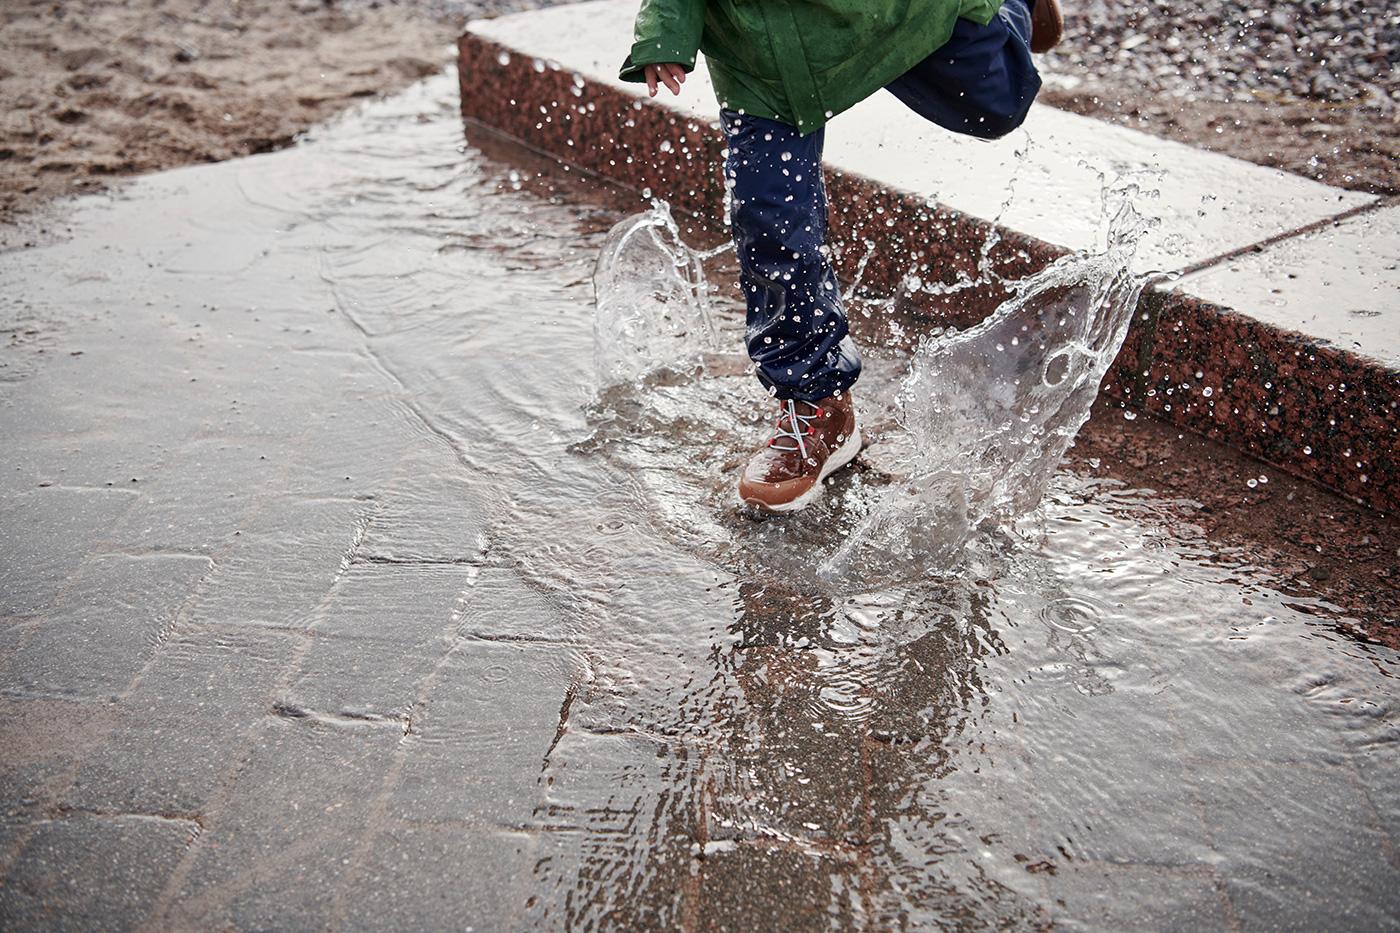 Jesienna kolekcja butów dla dzieci marki Reima. Nowe rozwiązania, stworzone z myślą o dziecięcym komforcie i w duchu zrównoważonego rozwoju.